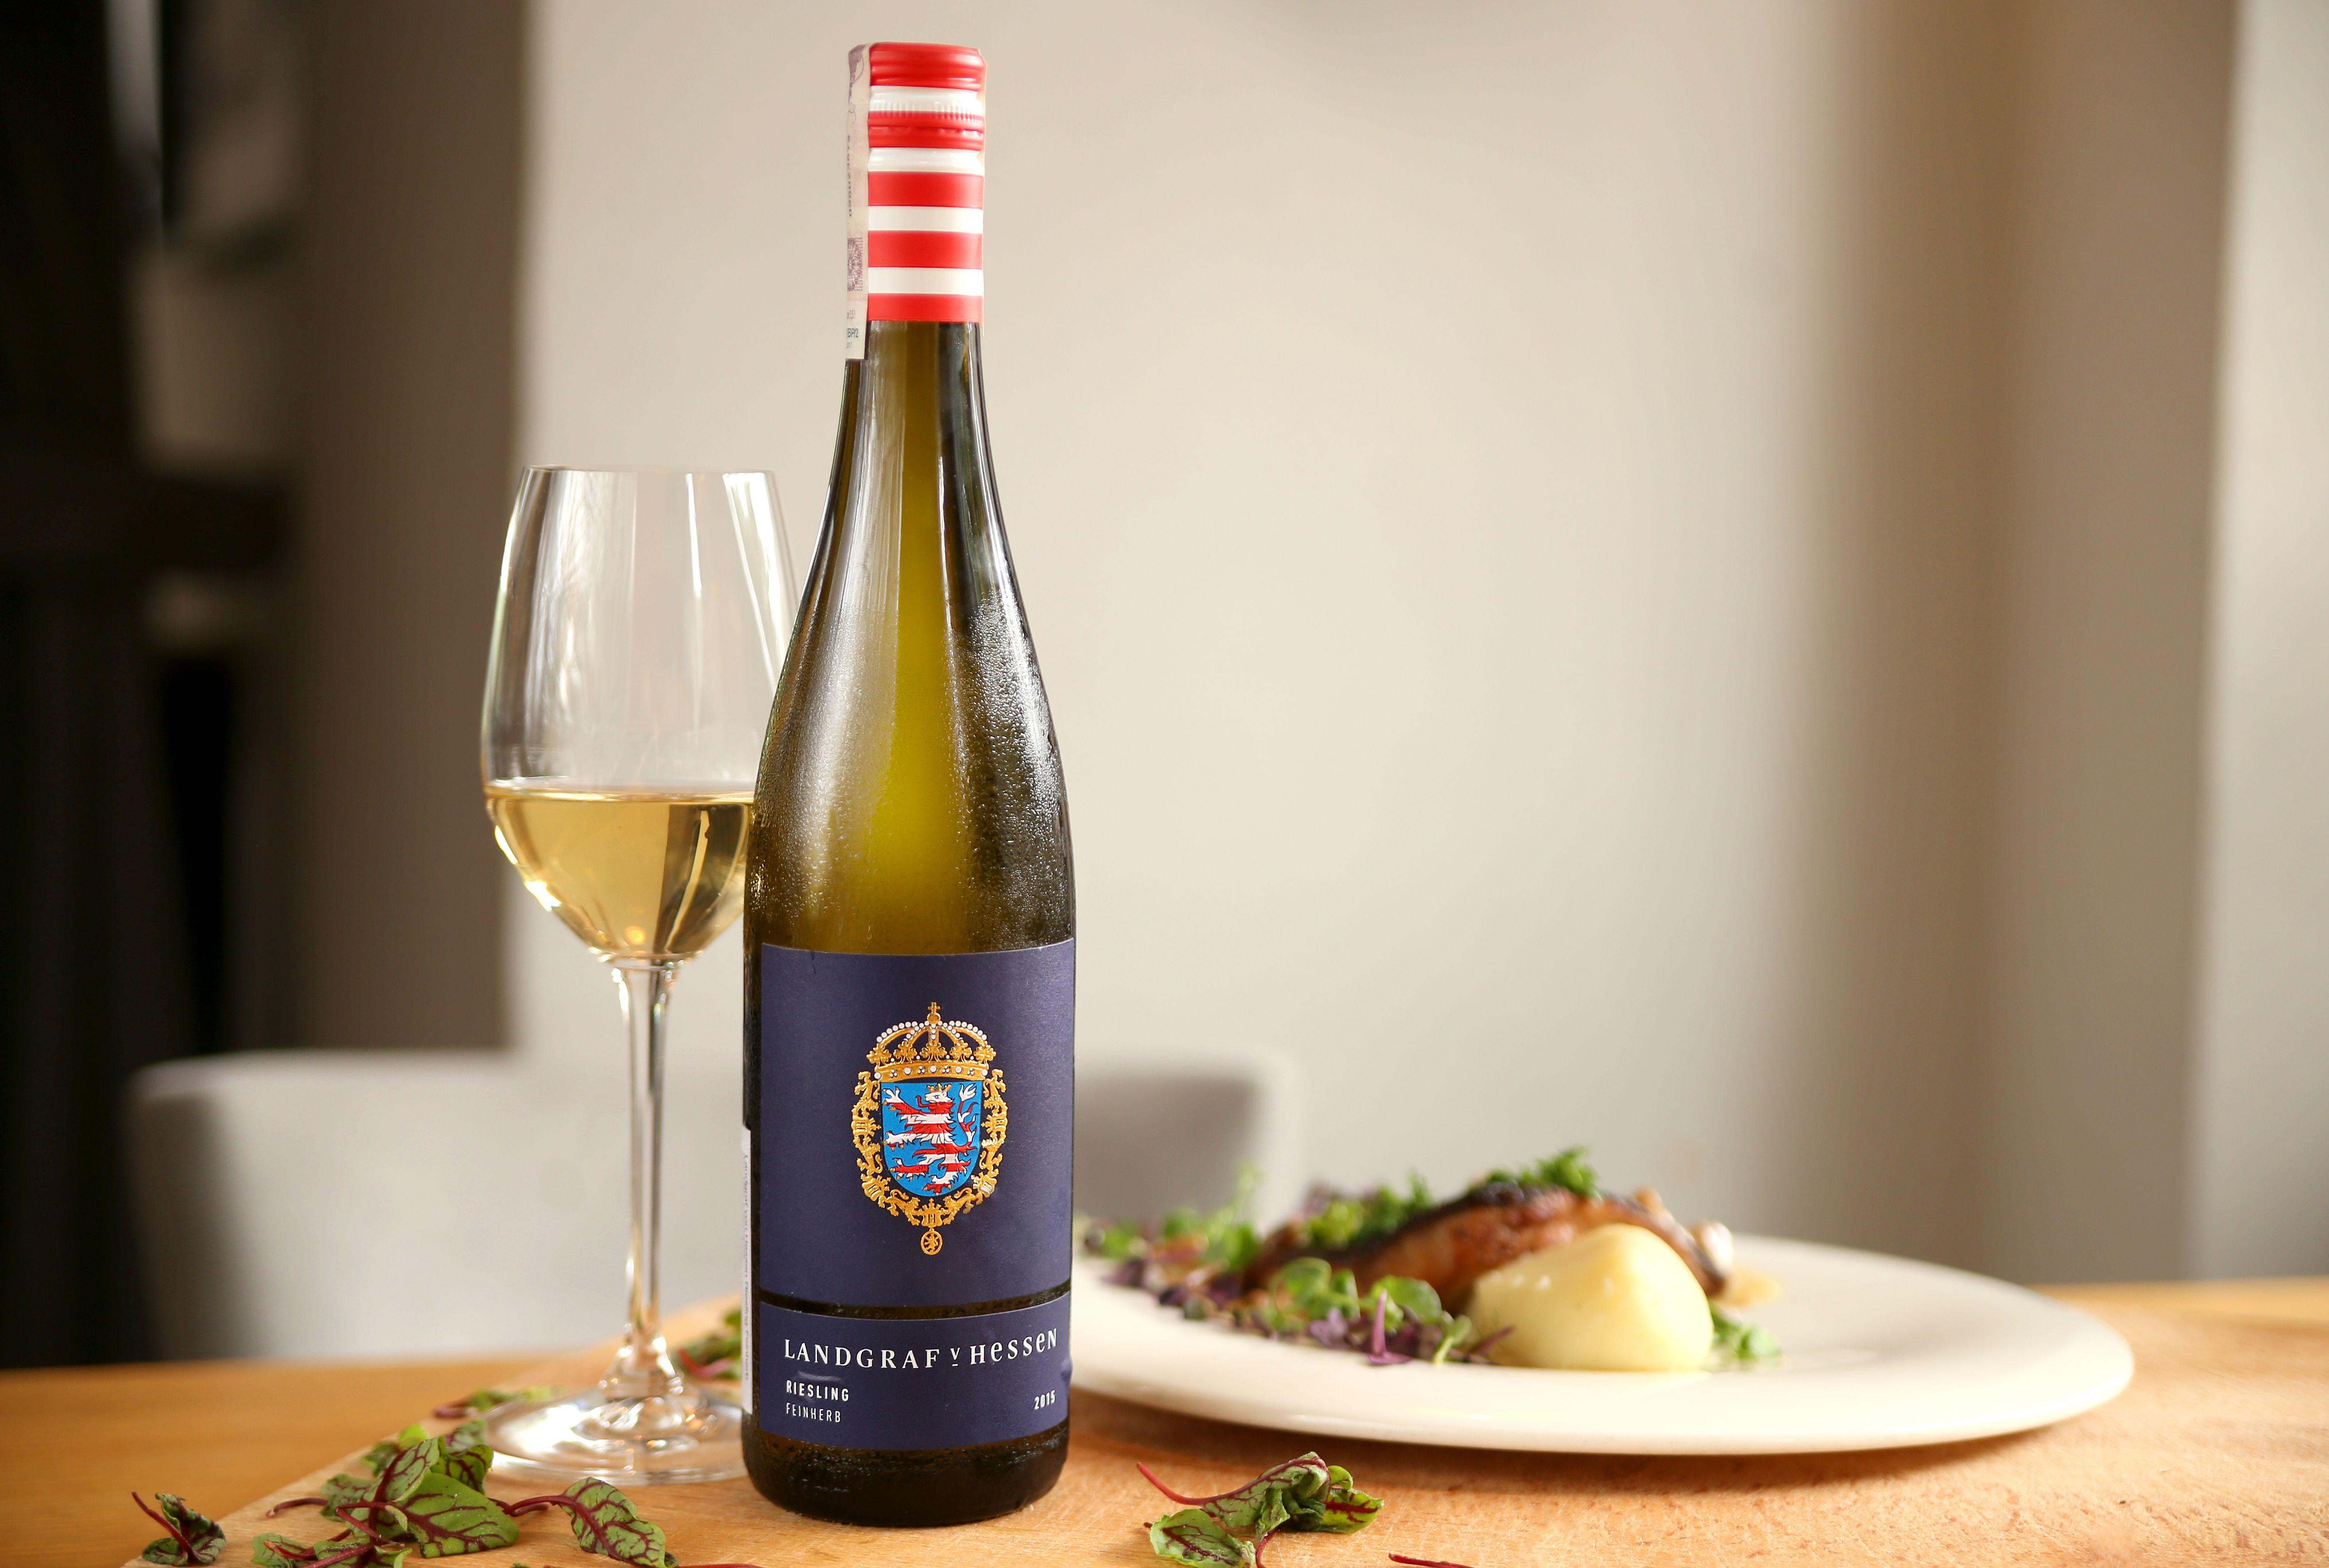 W Restauracji Akademia Oferujemy Zarowno Pyszne Dania Kuchni Polskiej I Europejskiej Jak I Najlepsze Wina Z Roznych Zakatkow Swiata Wine Bottle Food Red Wine